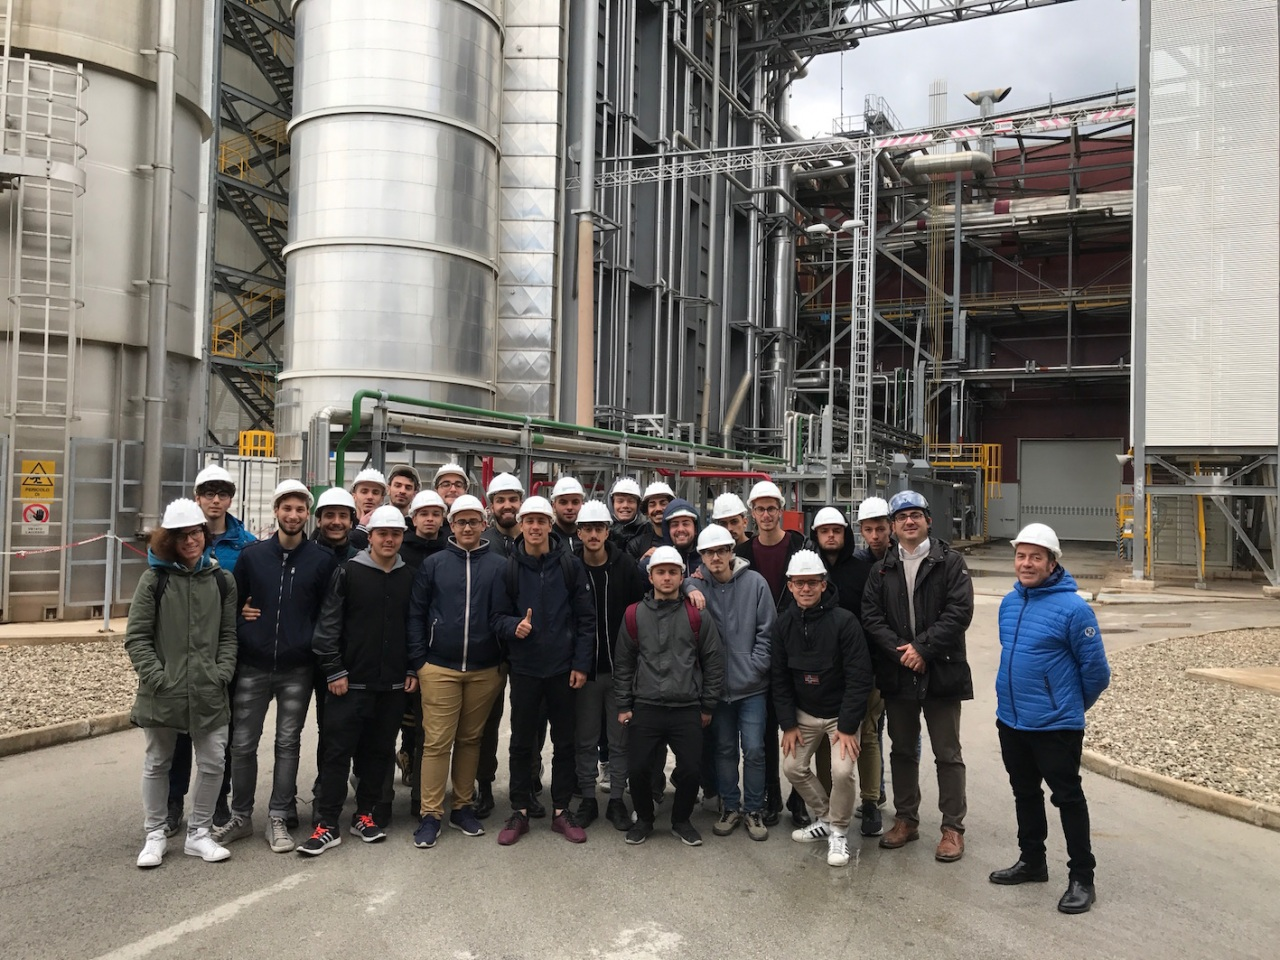 A scuola di energia: gli istituti di Bari e provincia visitano la centrale di Sorgenia